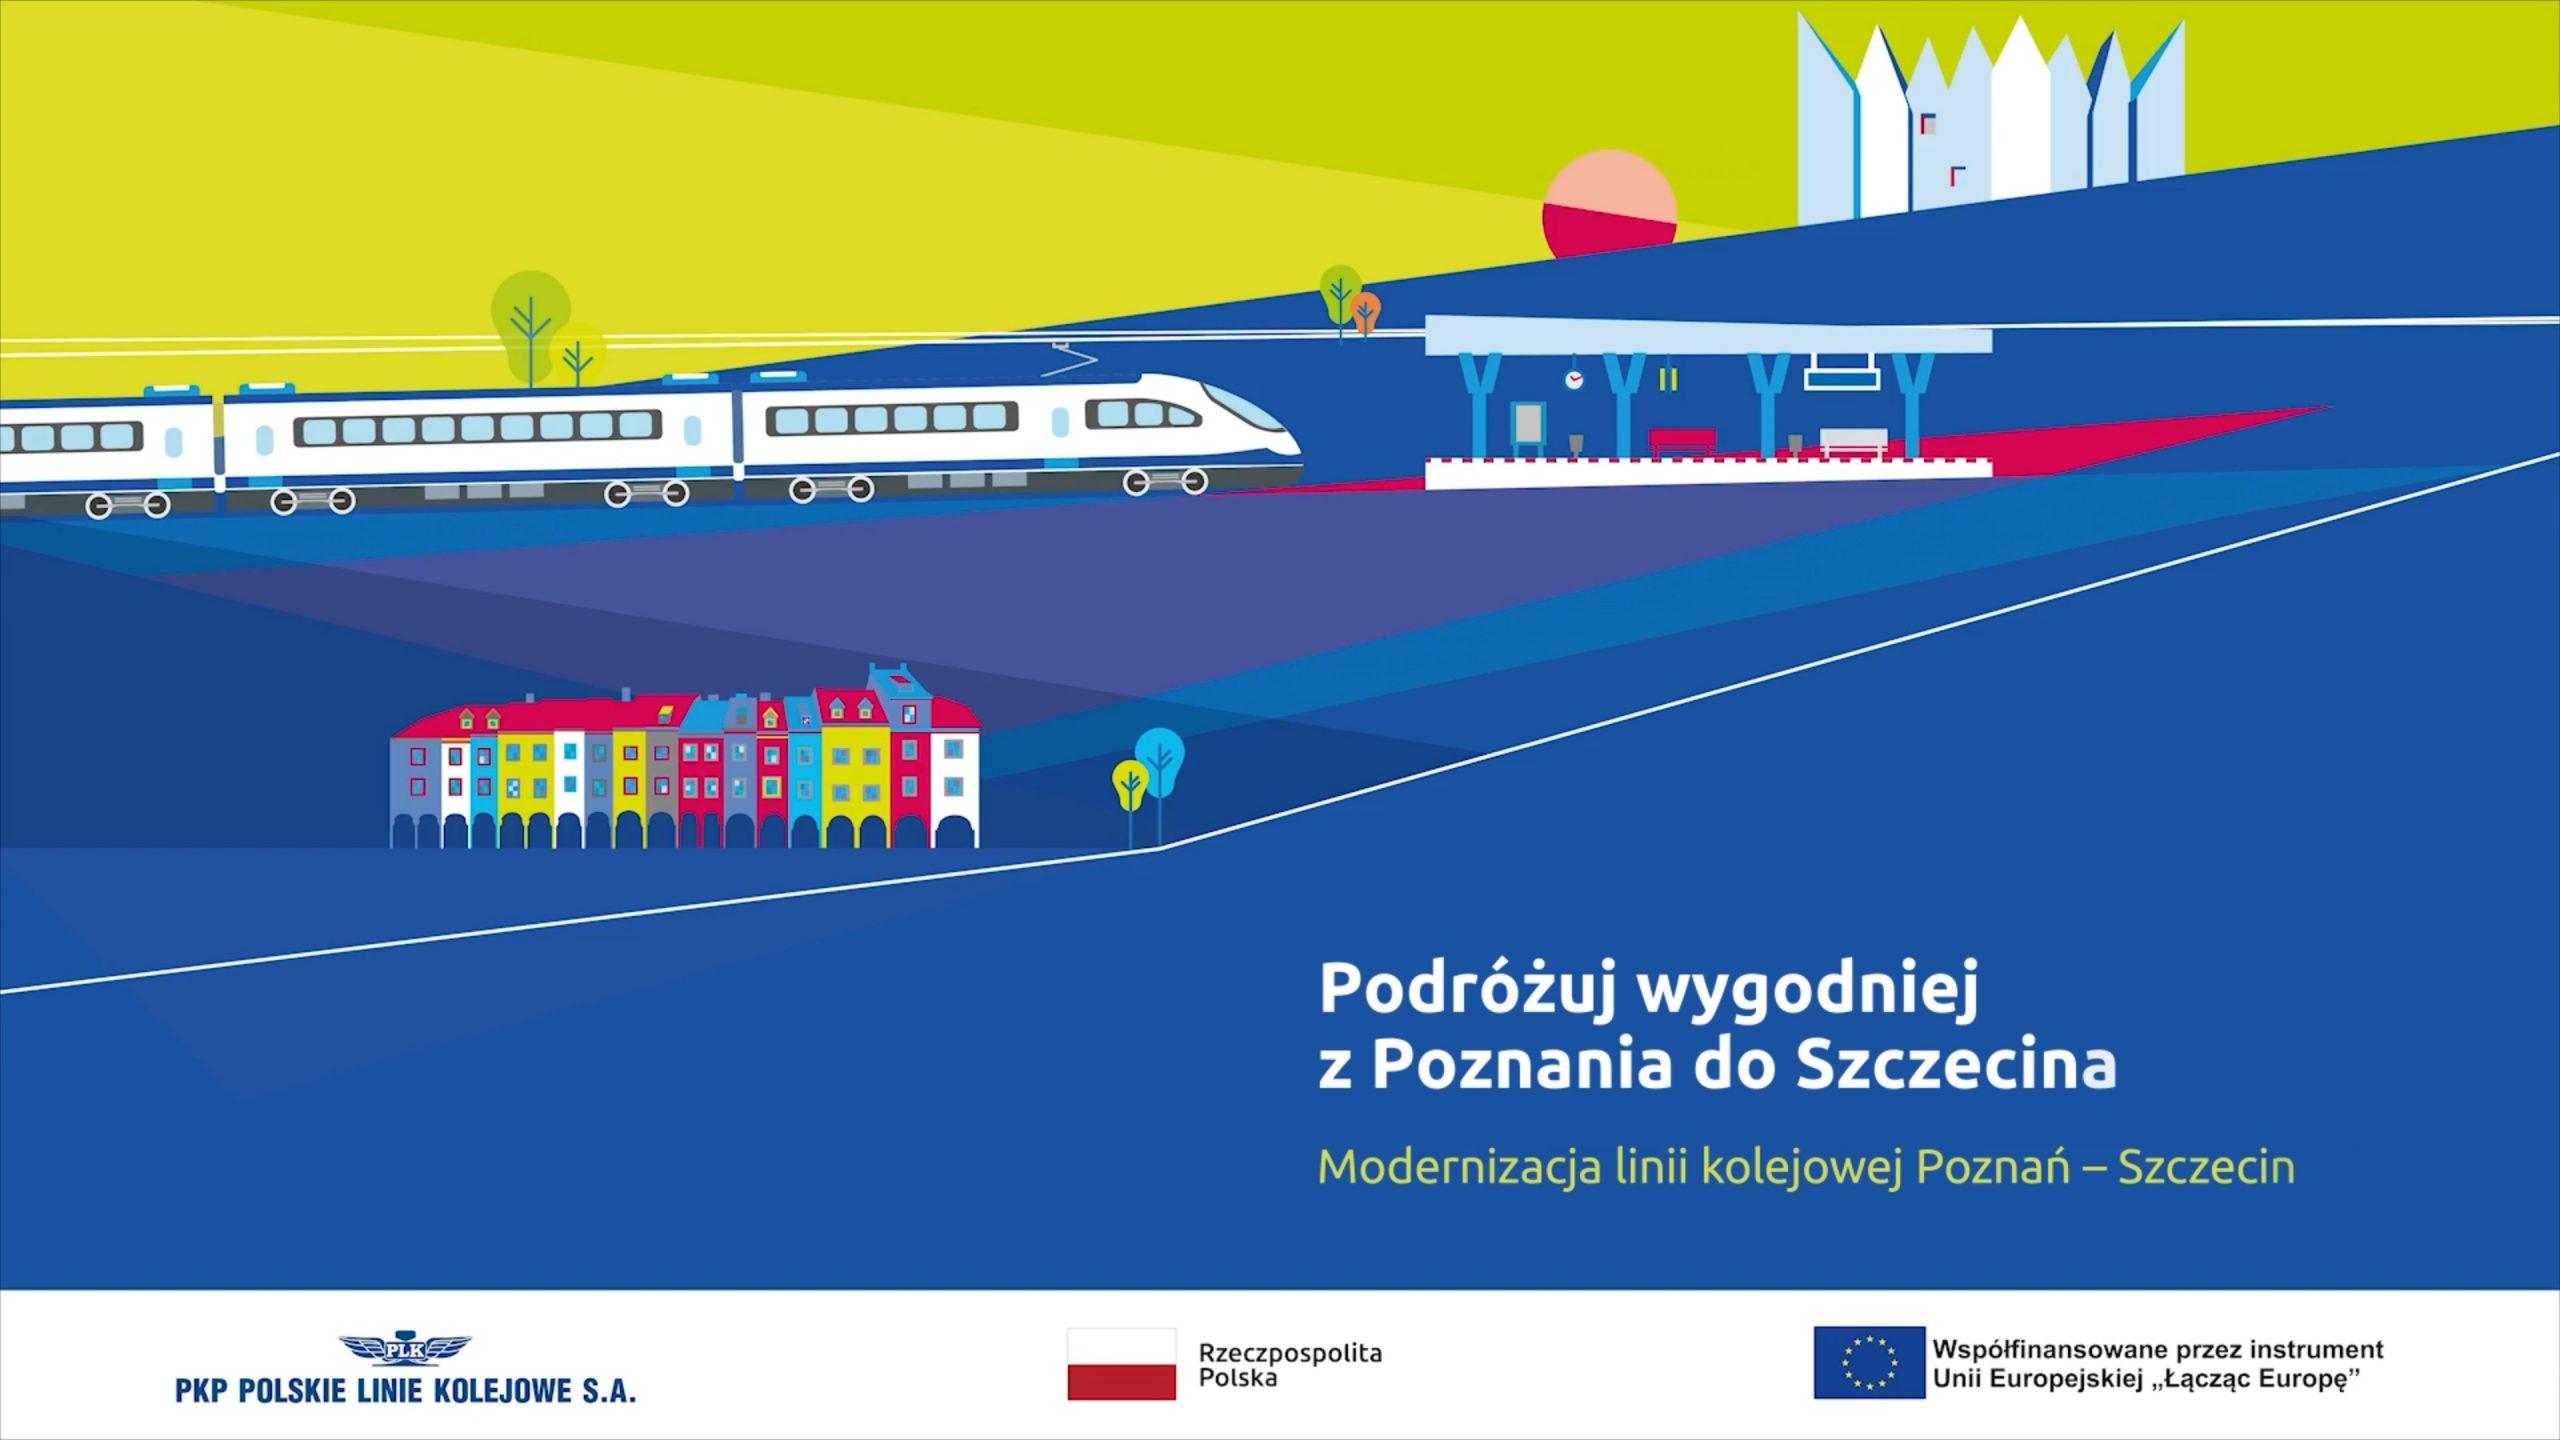 Zdjęcie przedstawia planszę początkową filmu, na której znajdują się kolorowe kamienice oraz pociąg dojeżdżający do stacji. Film opowiada o zakresie modernizacji odcinka Poznań-Wronki jesienią 2020 roku.